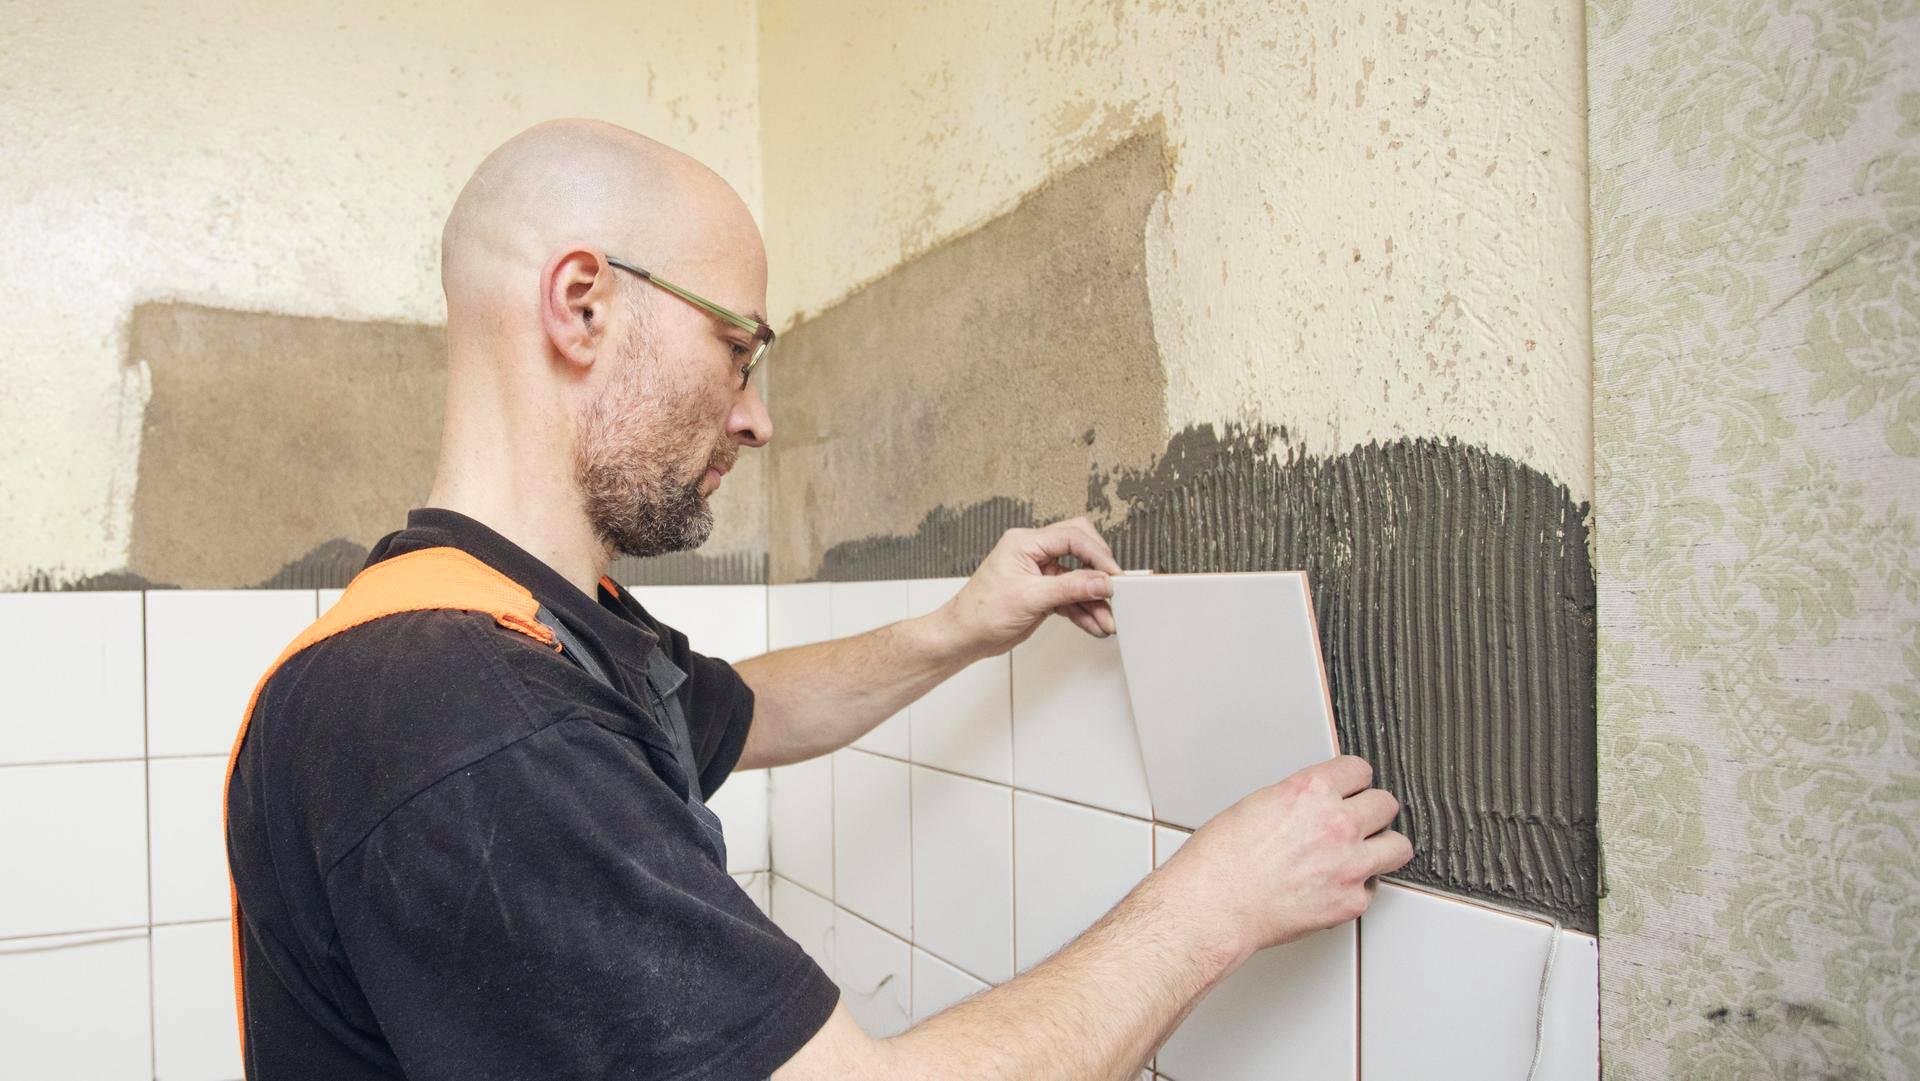 Jussi Hämäläinen kiinnitti tukilistan päälle kolme kerrosta 20 x 20 -senttisiä laattoja. Laatoituksen annetaan kuivua rauhassa yhdestä kolmeen vuorokautta.